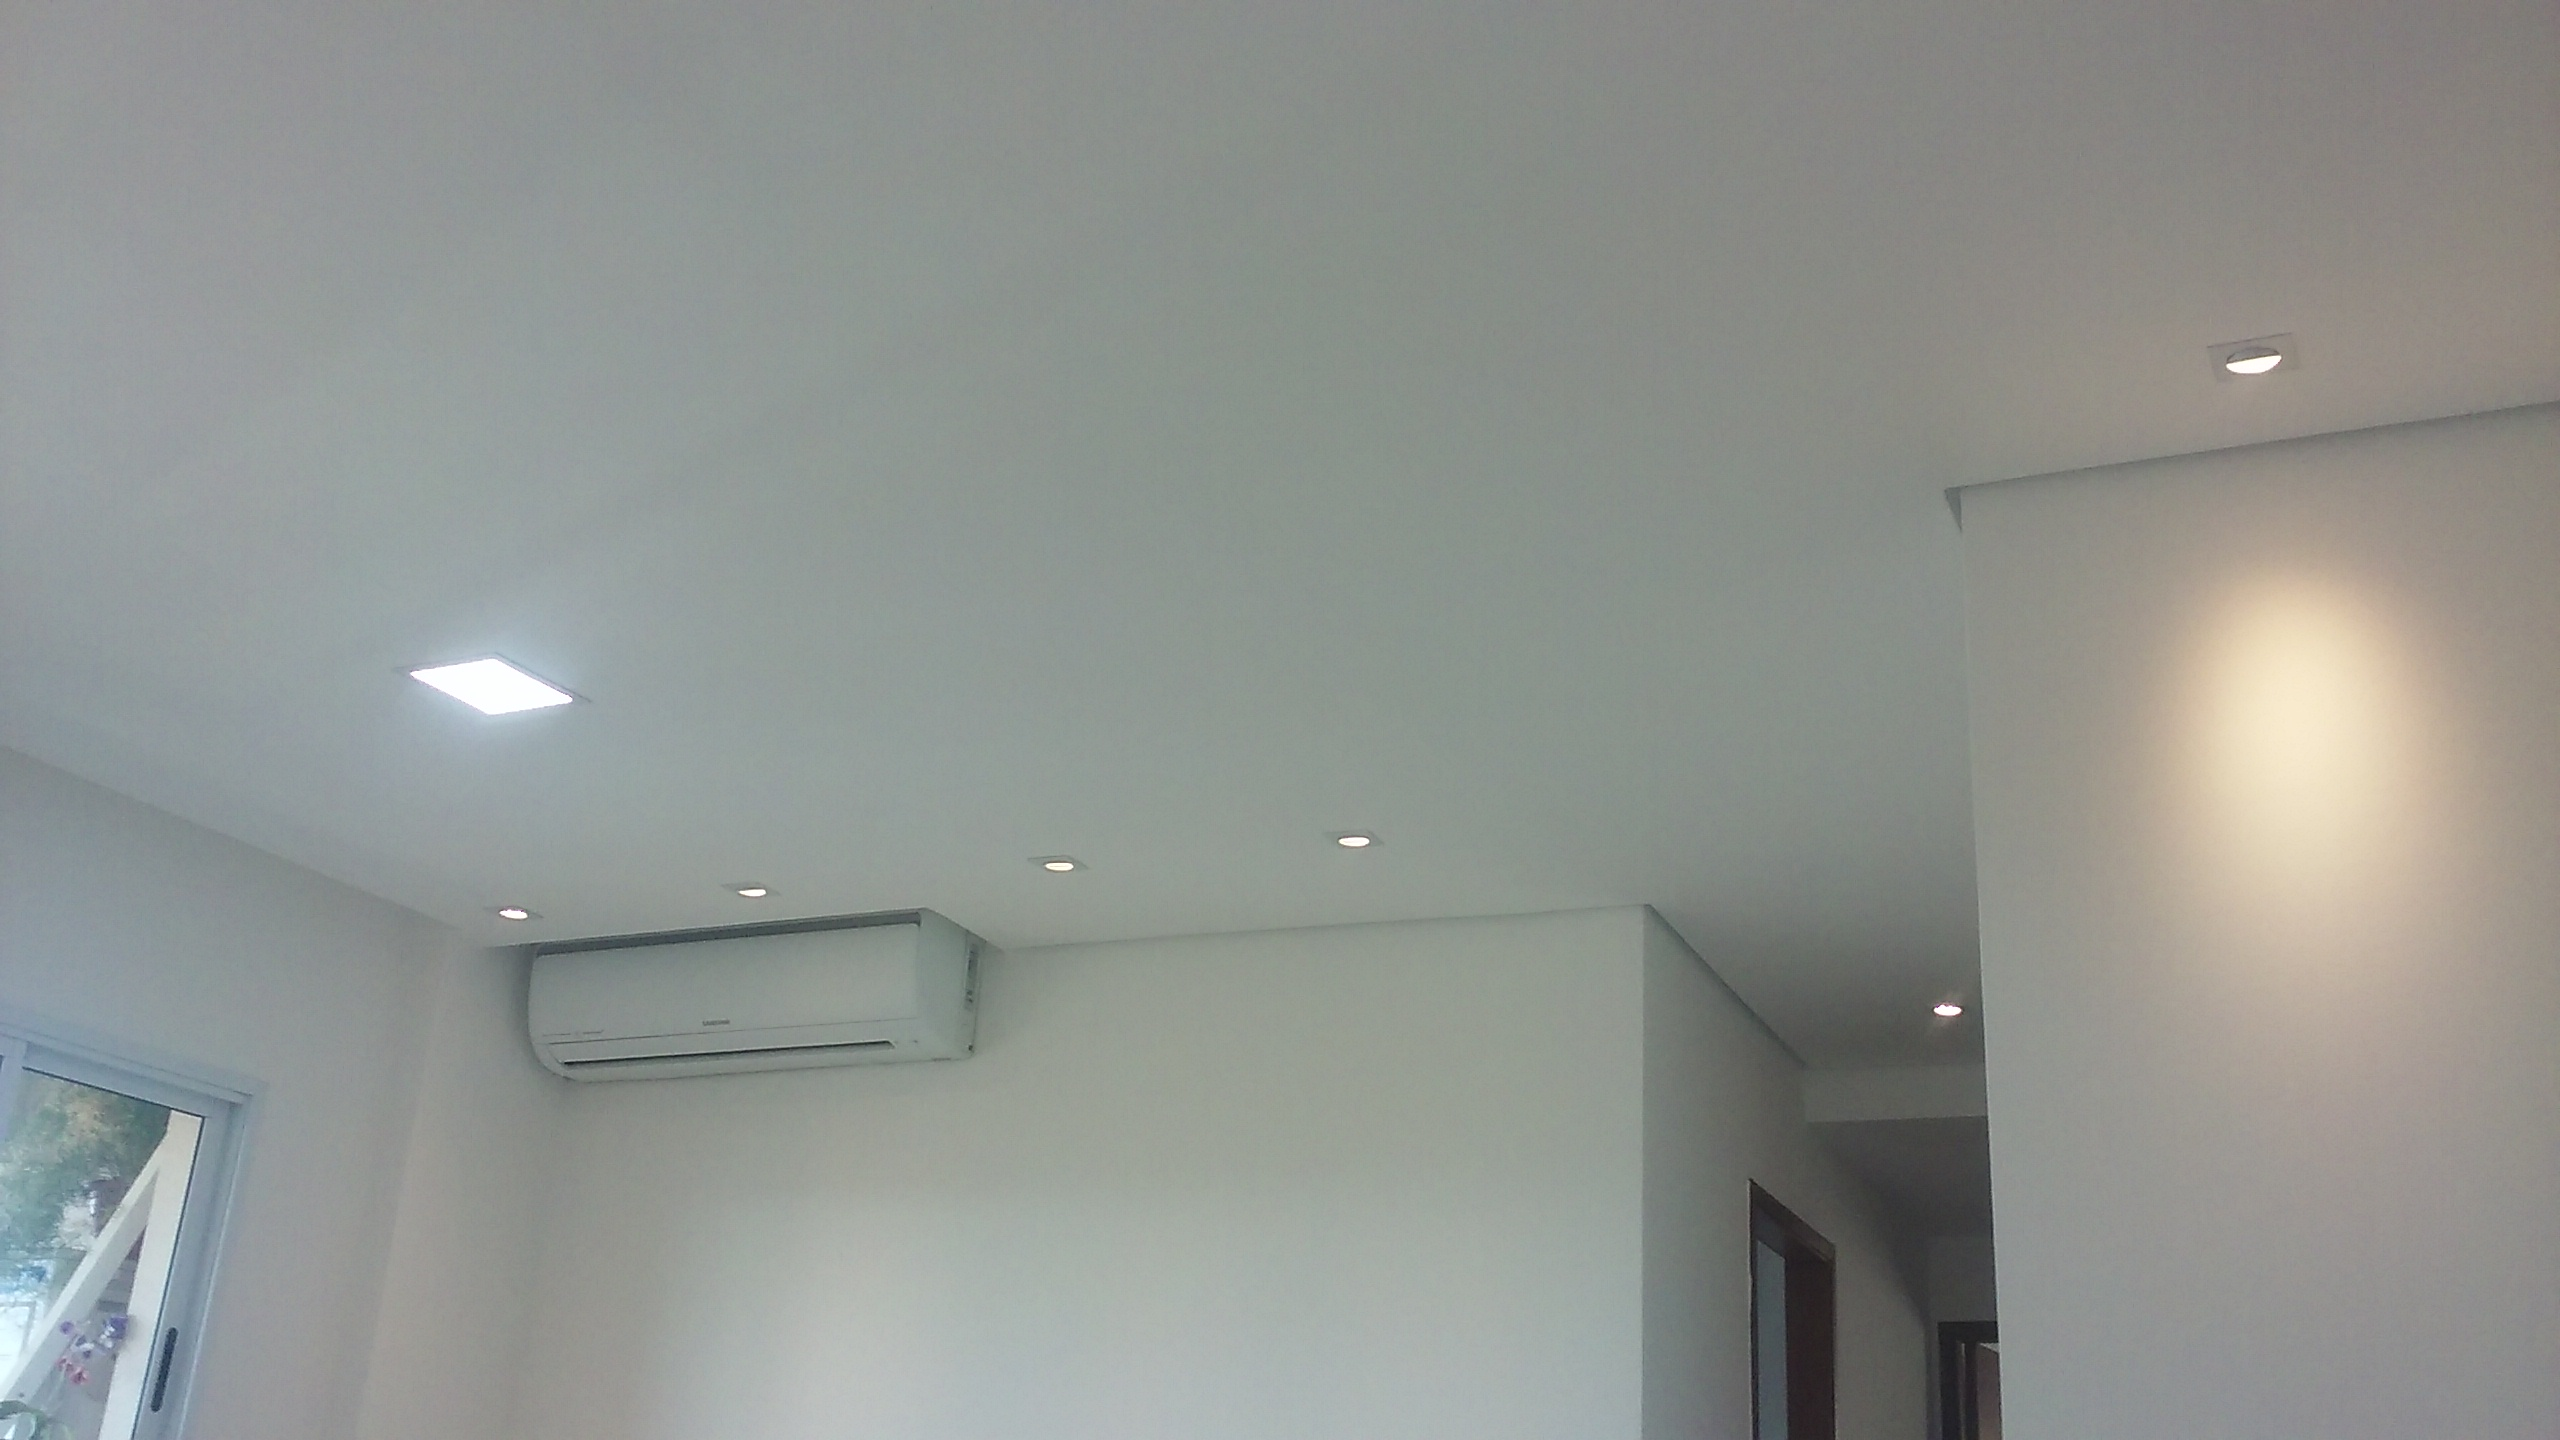 Preferência Forro De Gesso - Forro de Gesso, Sancas e Iluminação, DryWall  MQ77